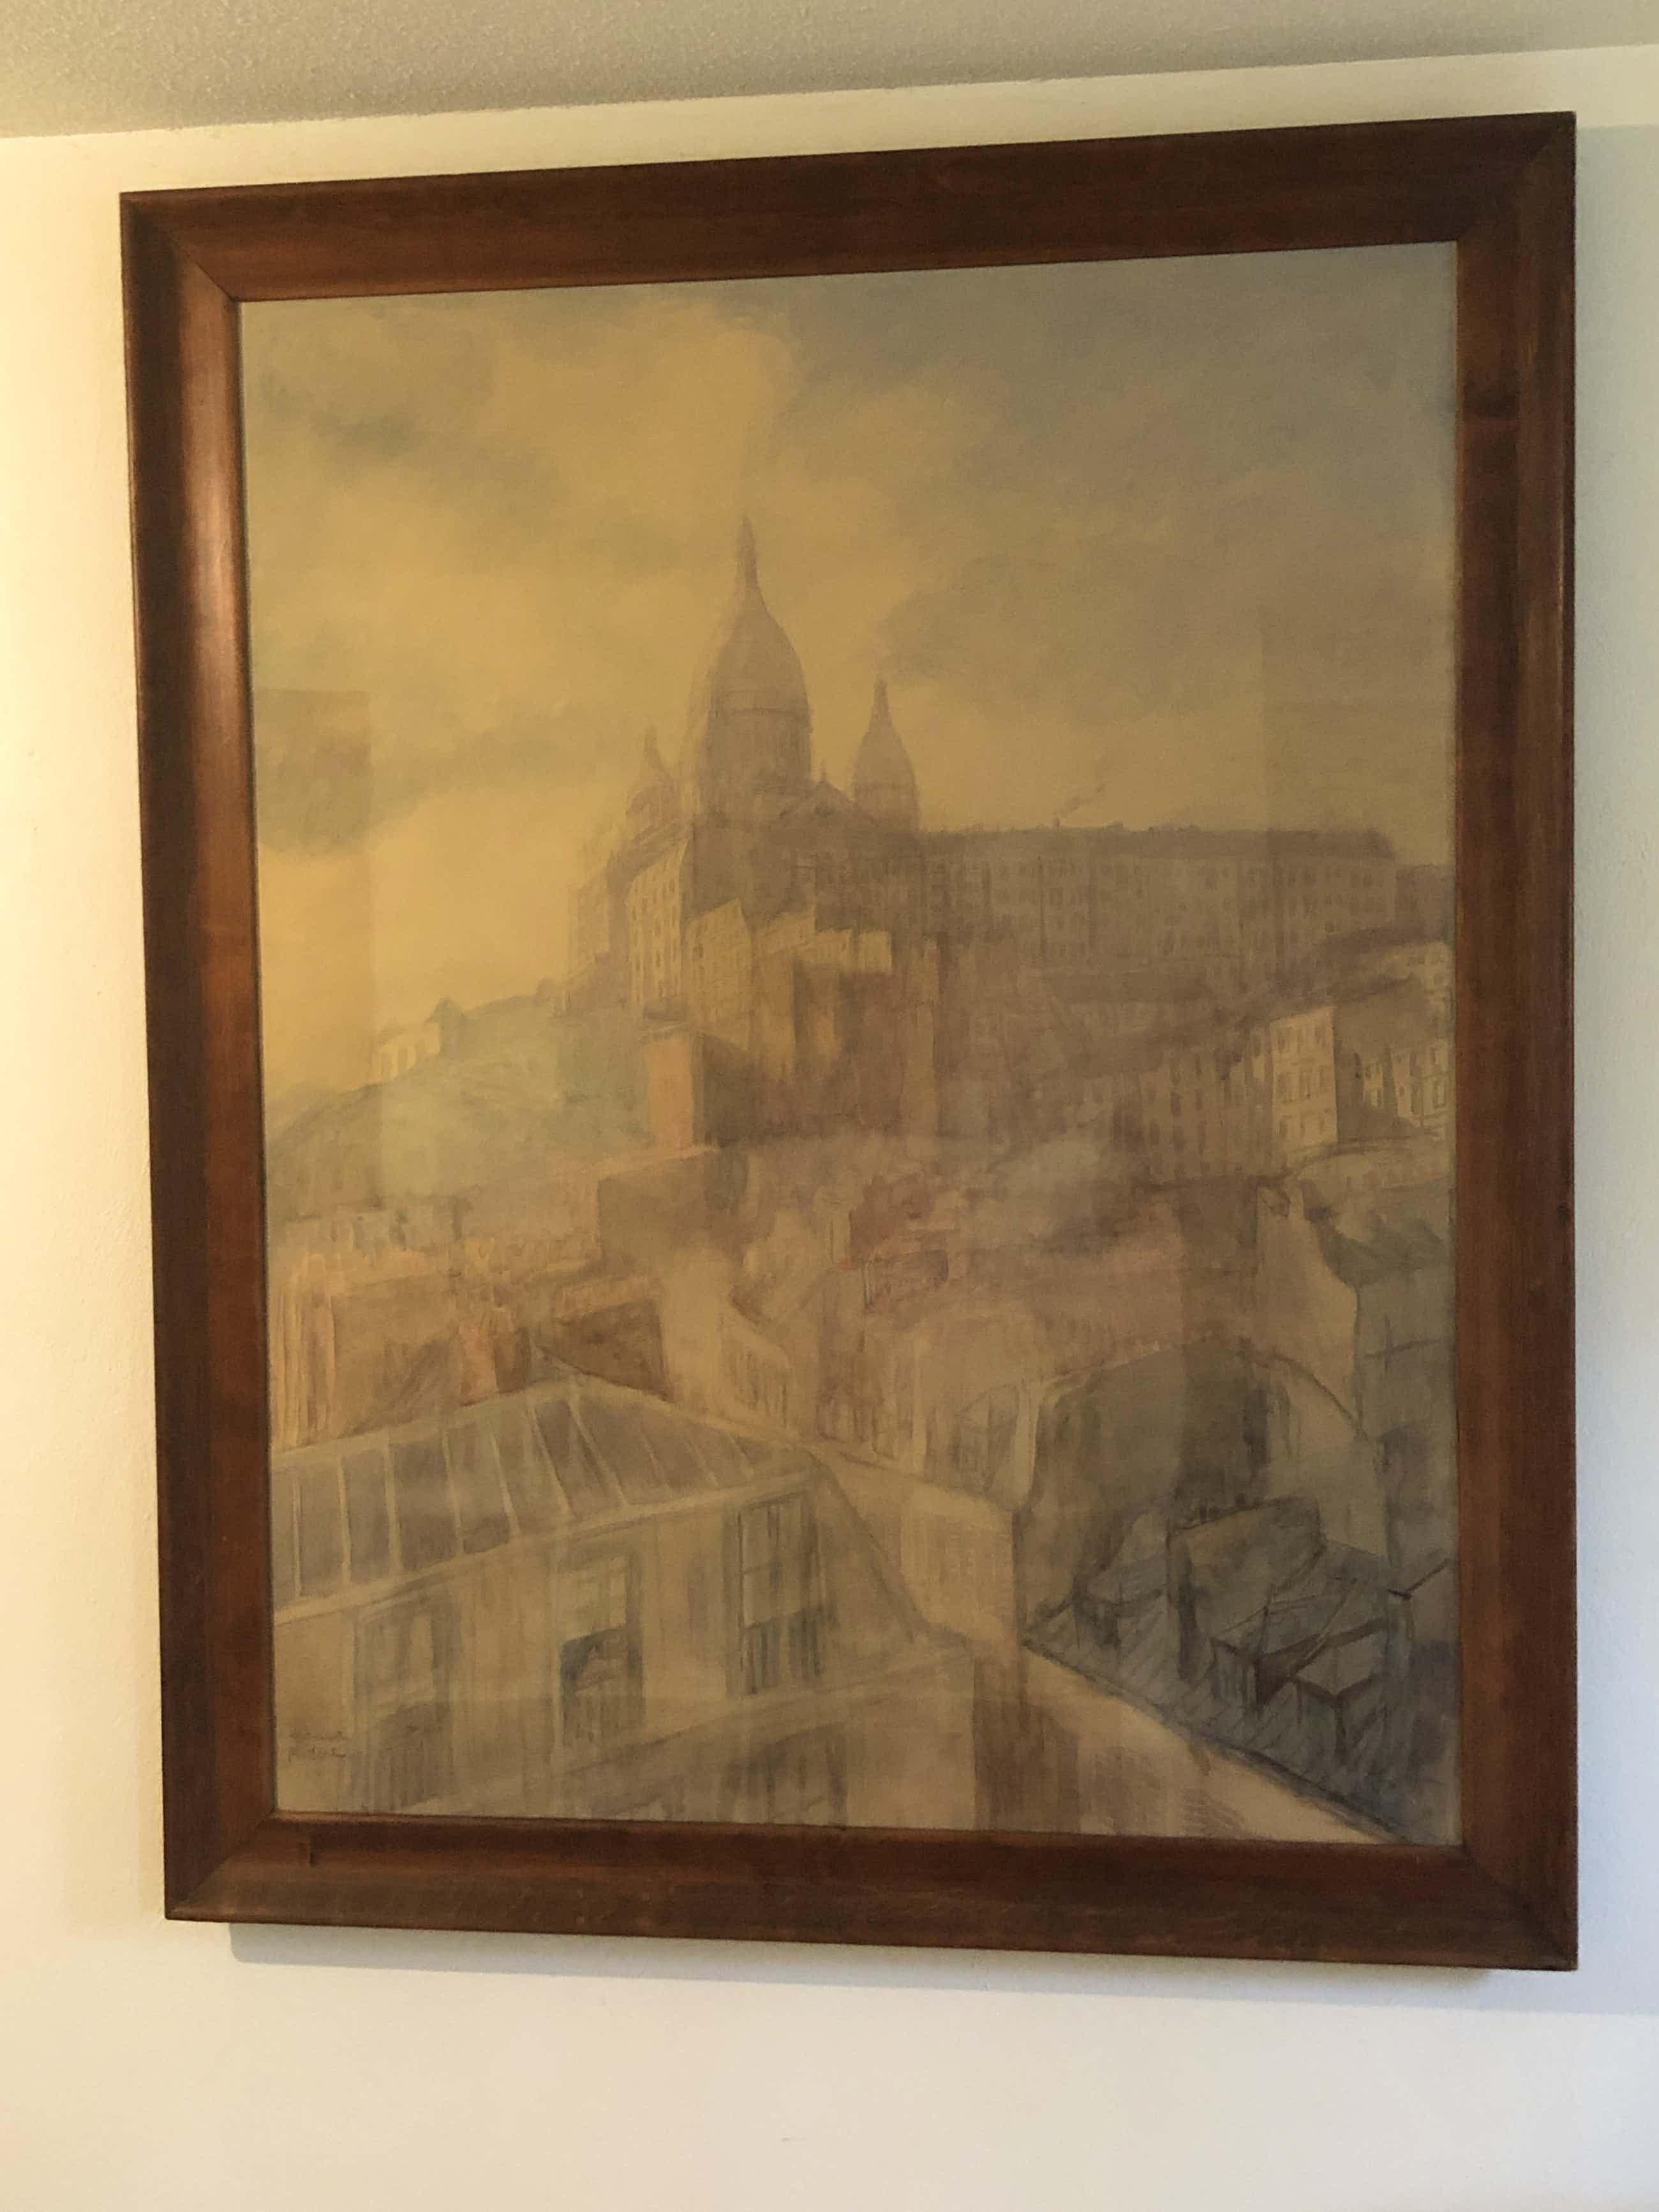 Ko Cossaar - Montmartre kopen? Bied vanaf 200!